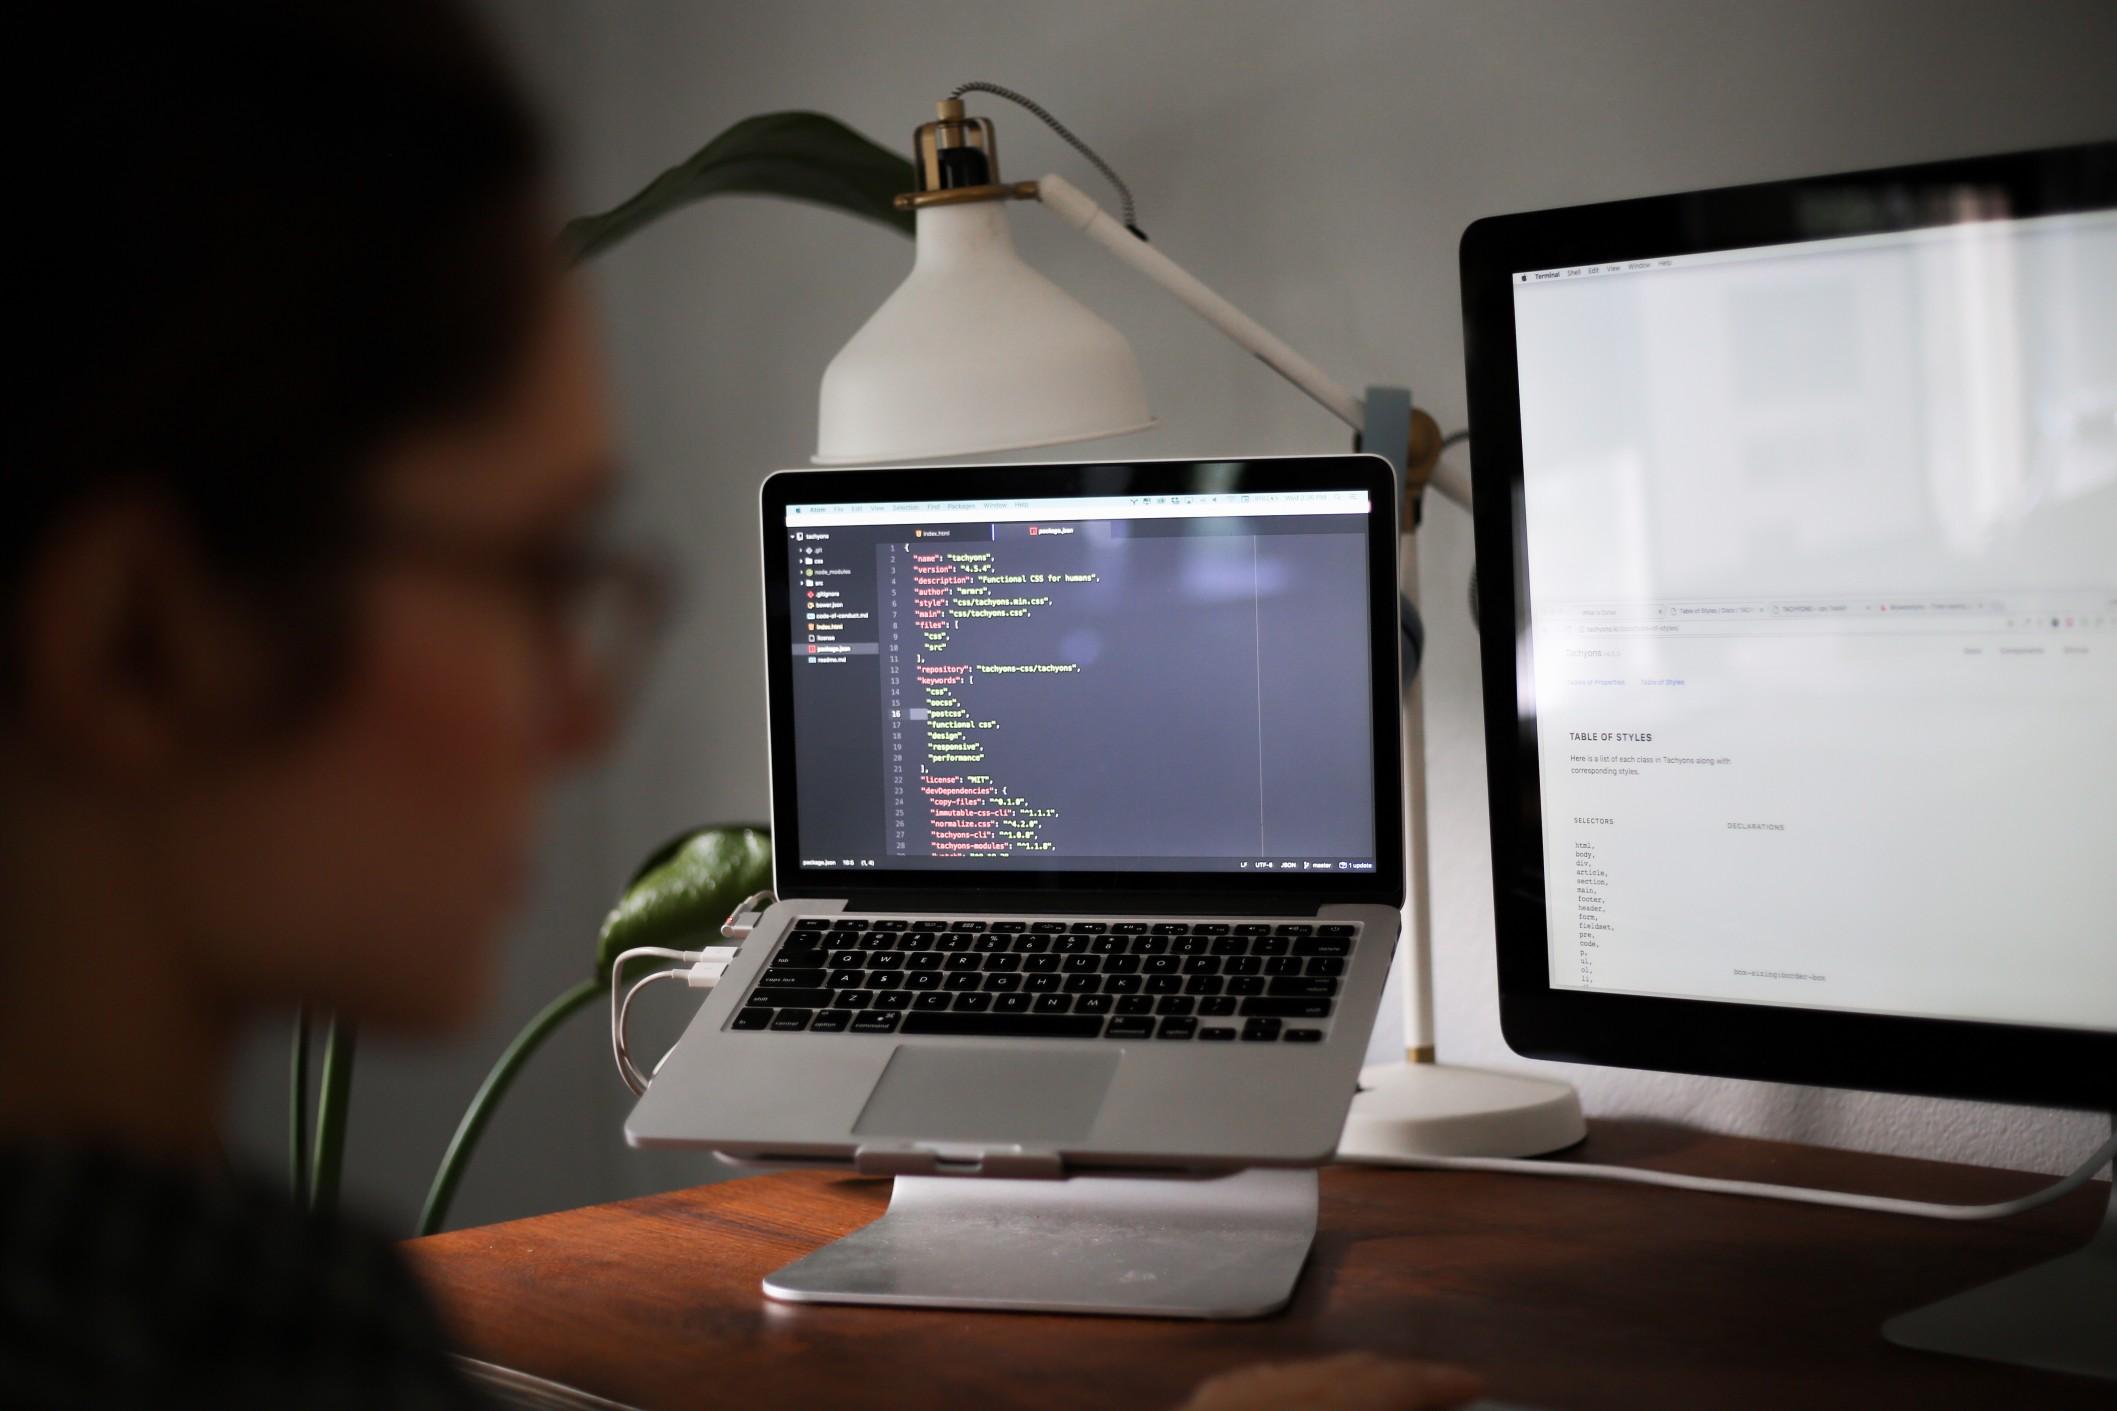 Trouvez le meilleur matériel informatique pour votre entreprise